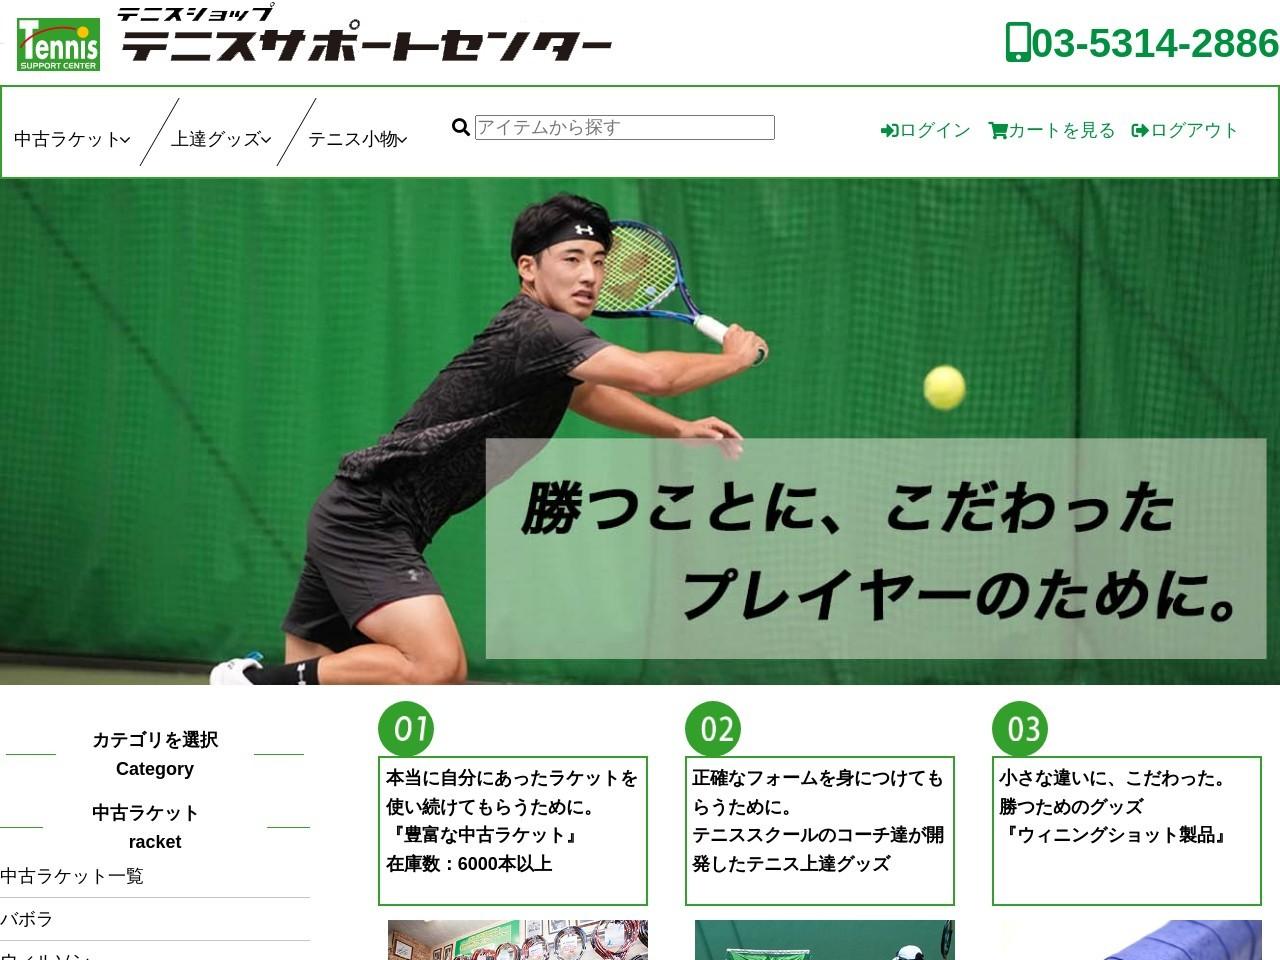 テニスサポートセンター仙川店